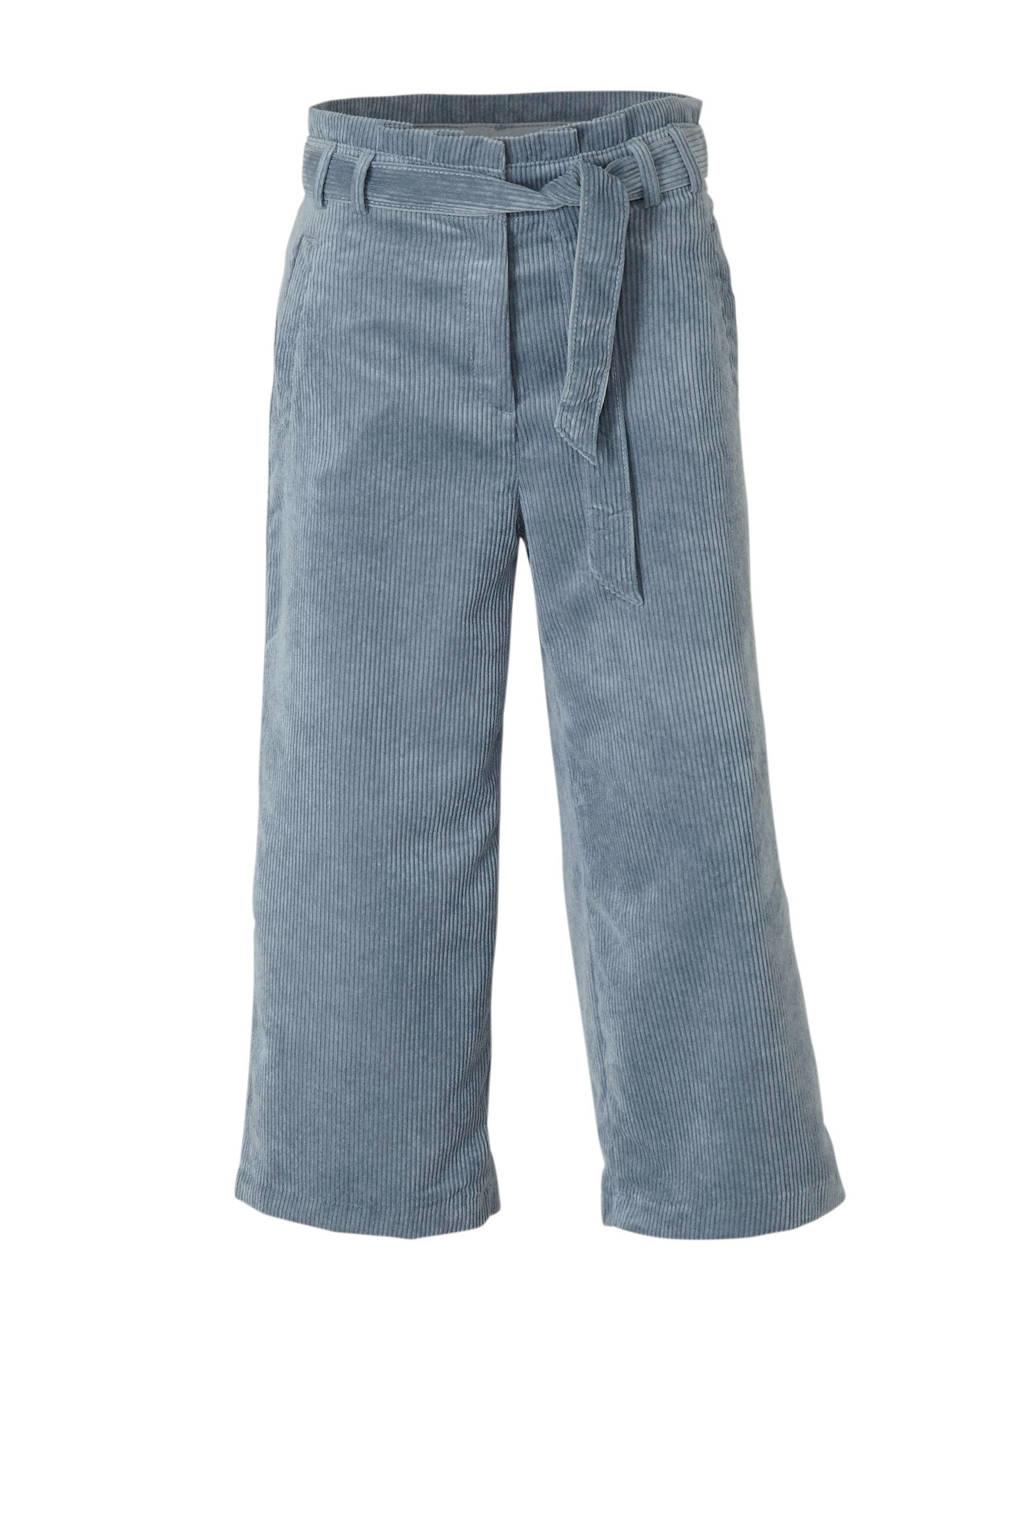 ESPRIT corduroy high waist culotte met textuur lichtblauw, Lichtblauw